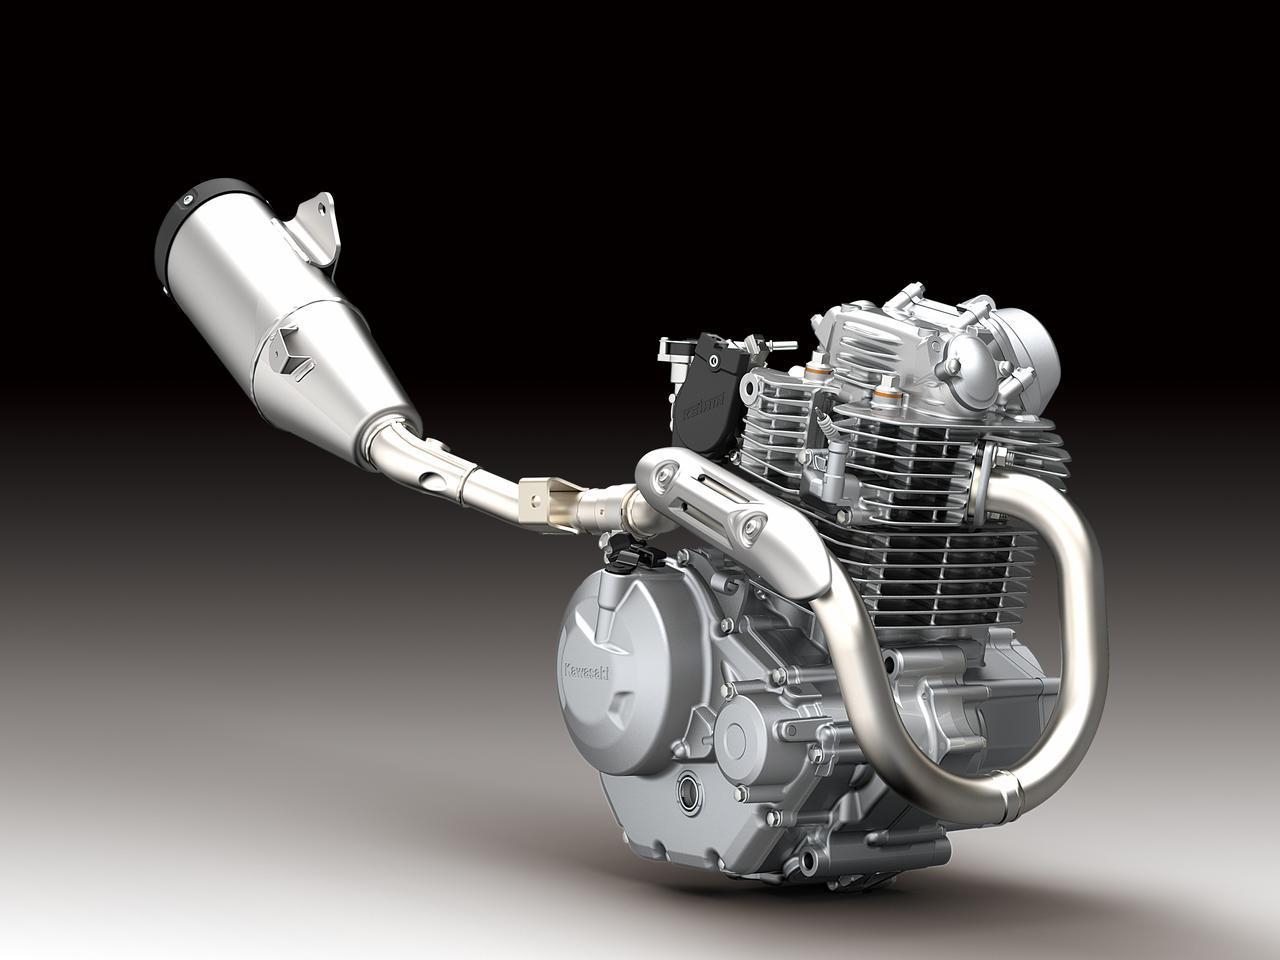 画像1: KLX230からトルクアップしたエンジン